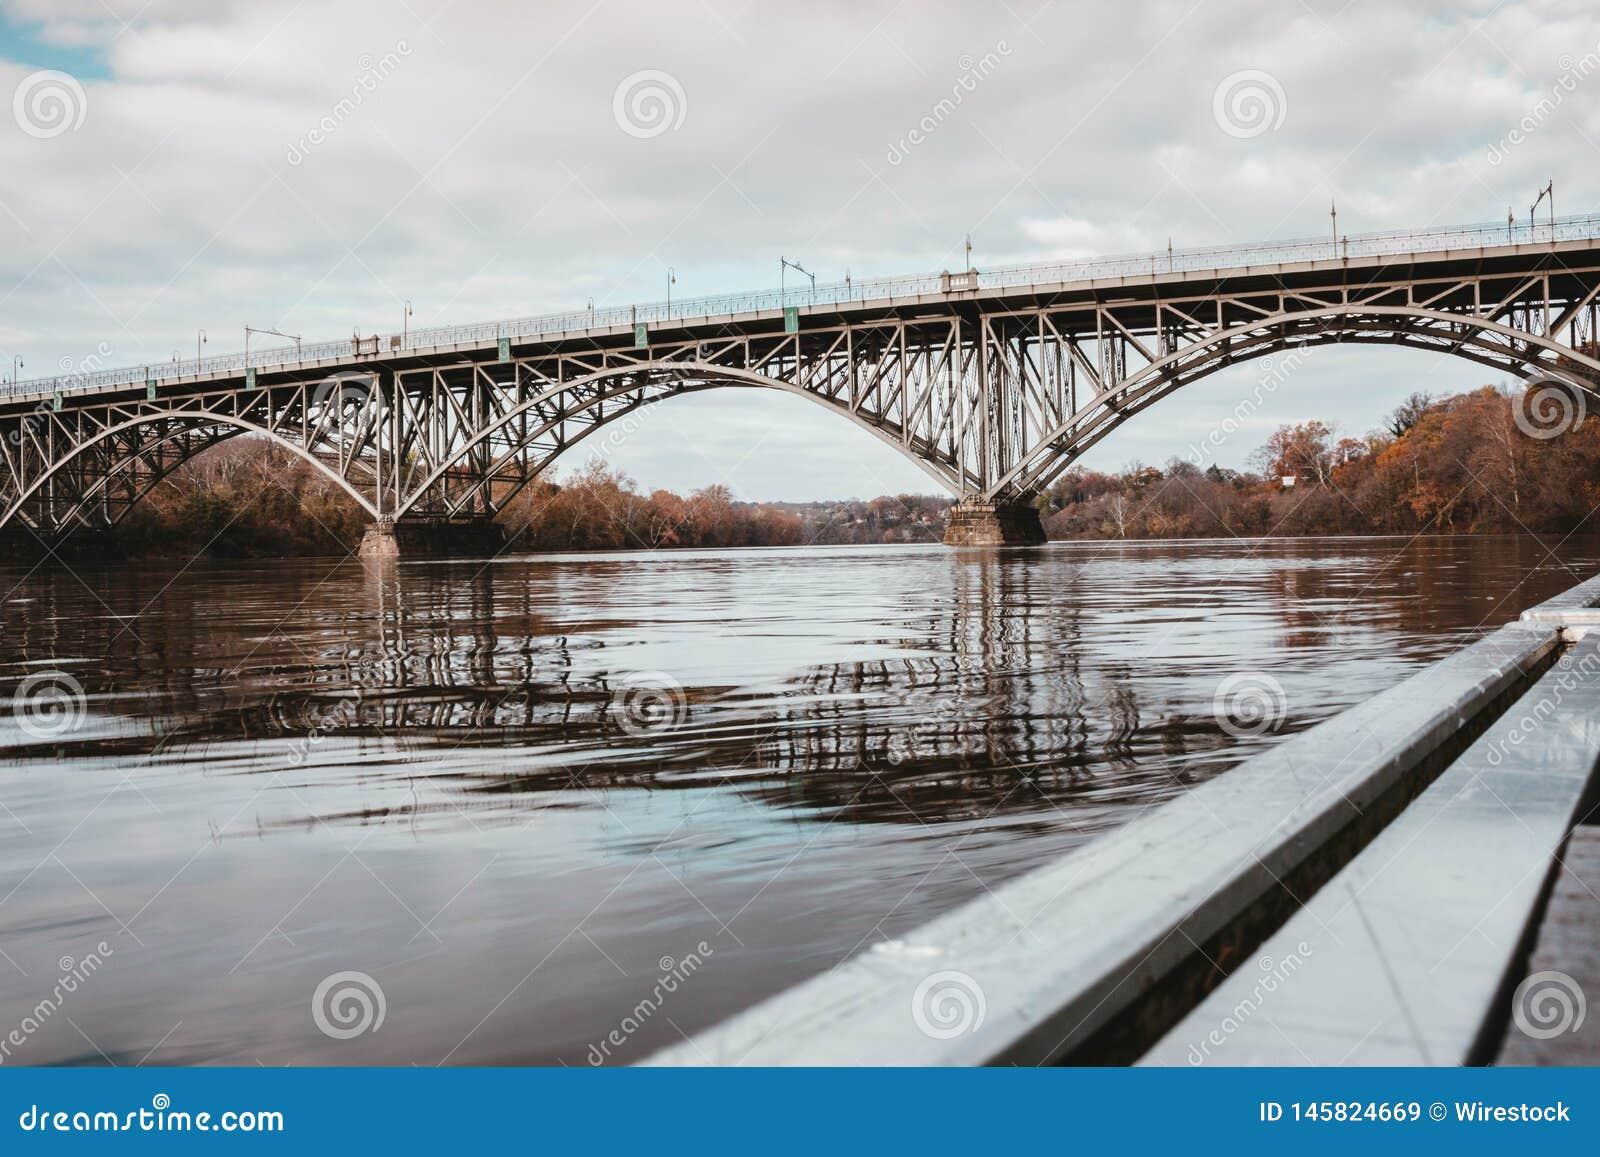 Μια γέφυρα χάλυβα πέρα από έναν ποταμό